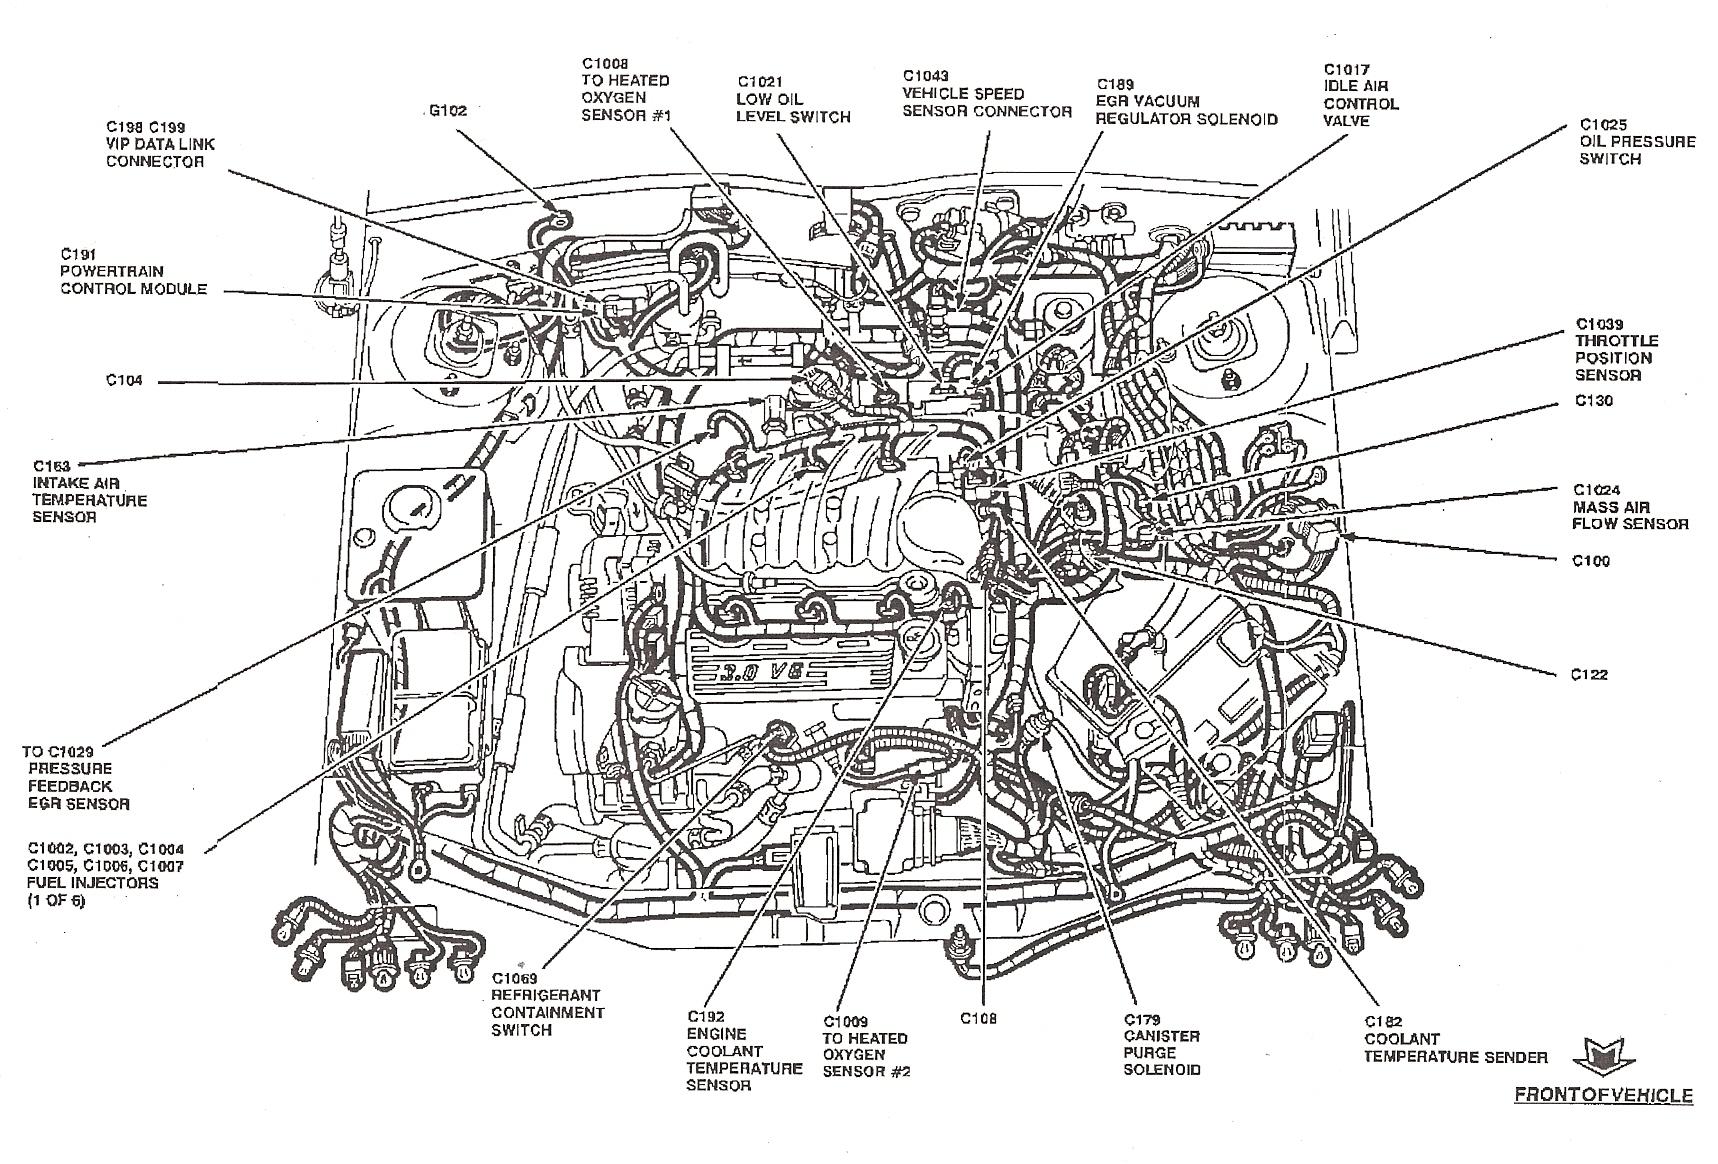 Ford taurus fuel line diagram